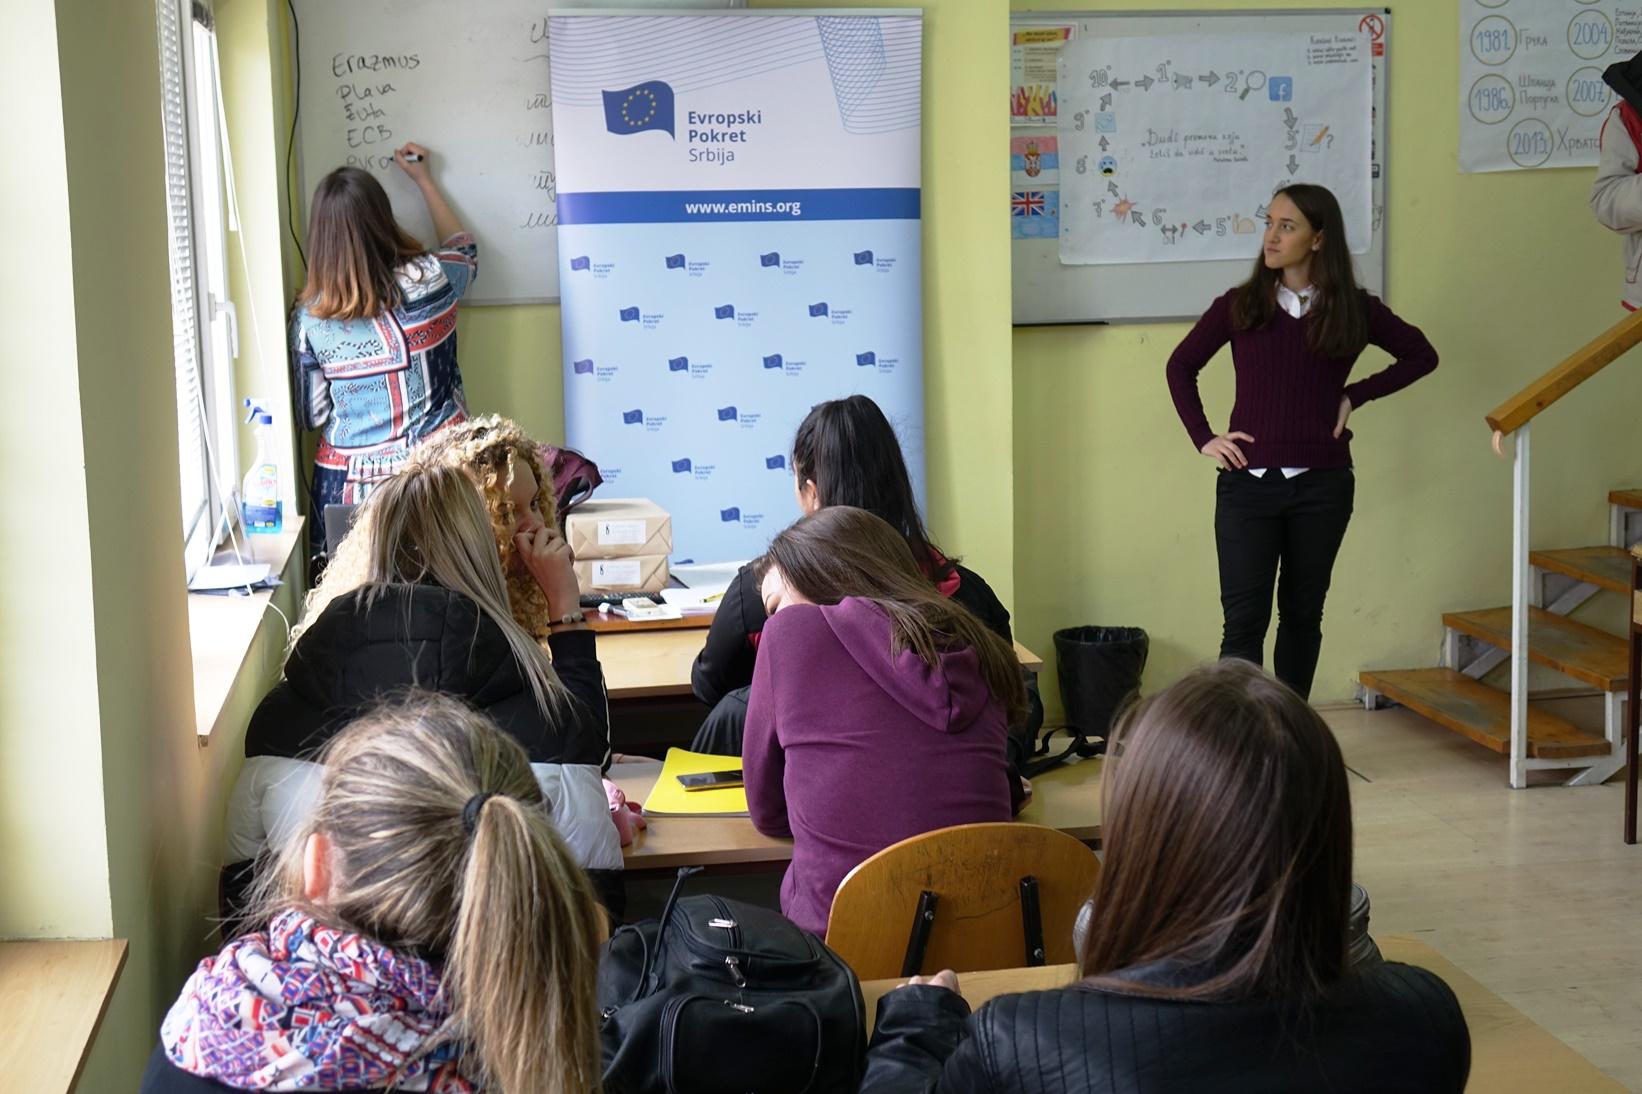 Evropski casovi, 21. mart 2019, Zajecar